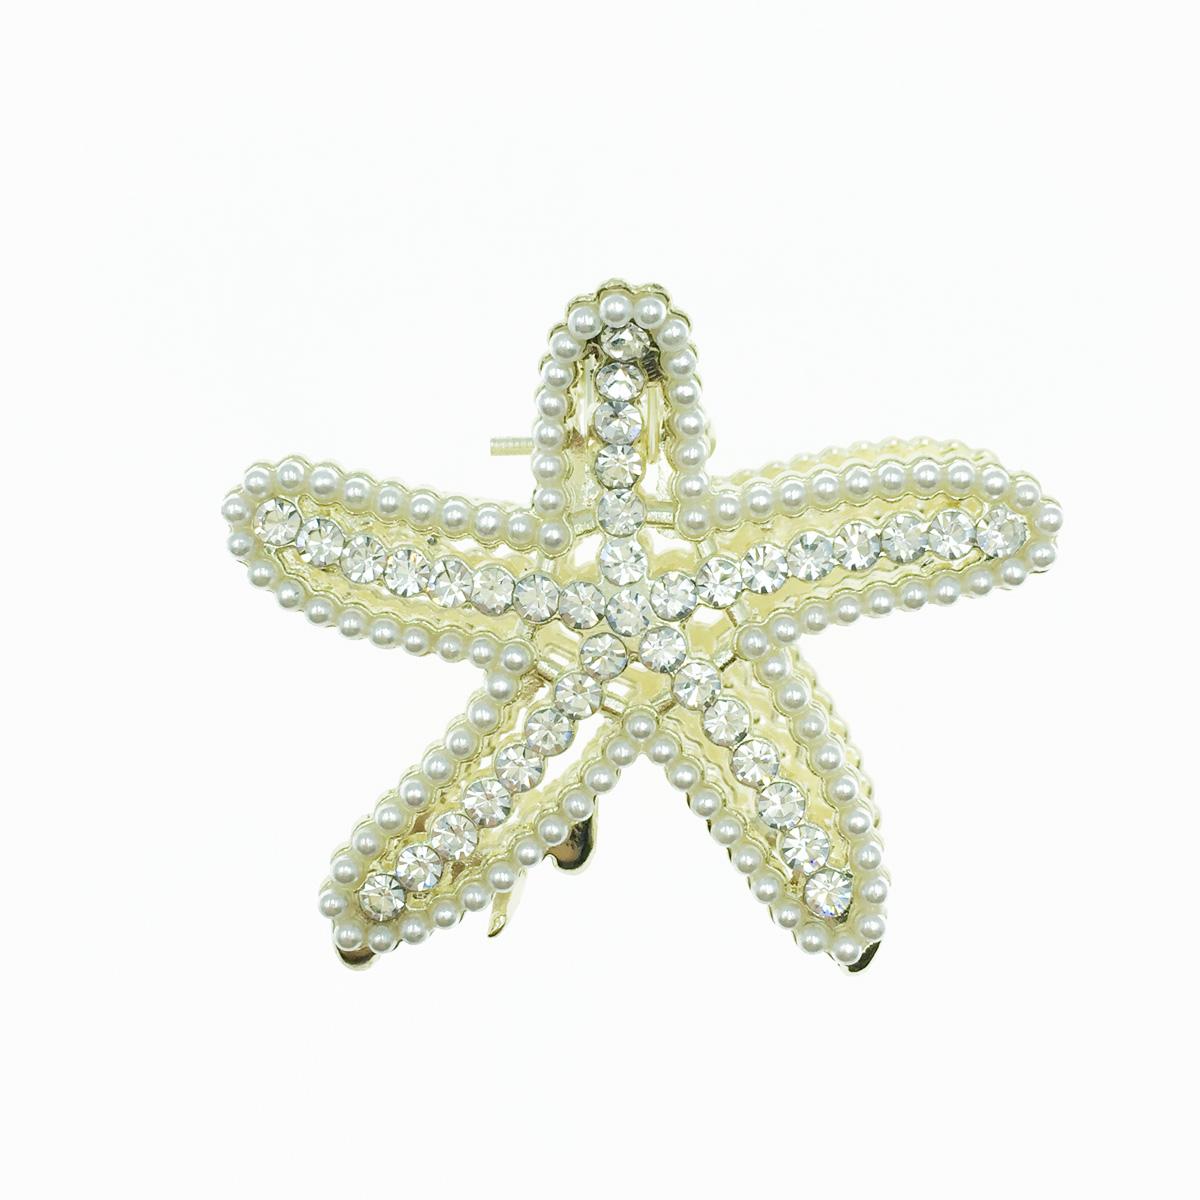 韓國 海星 珍珠 水鑽 髮飾